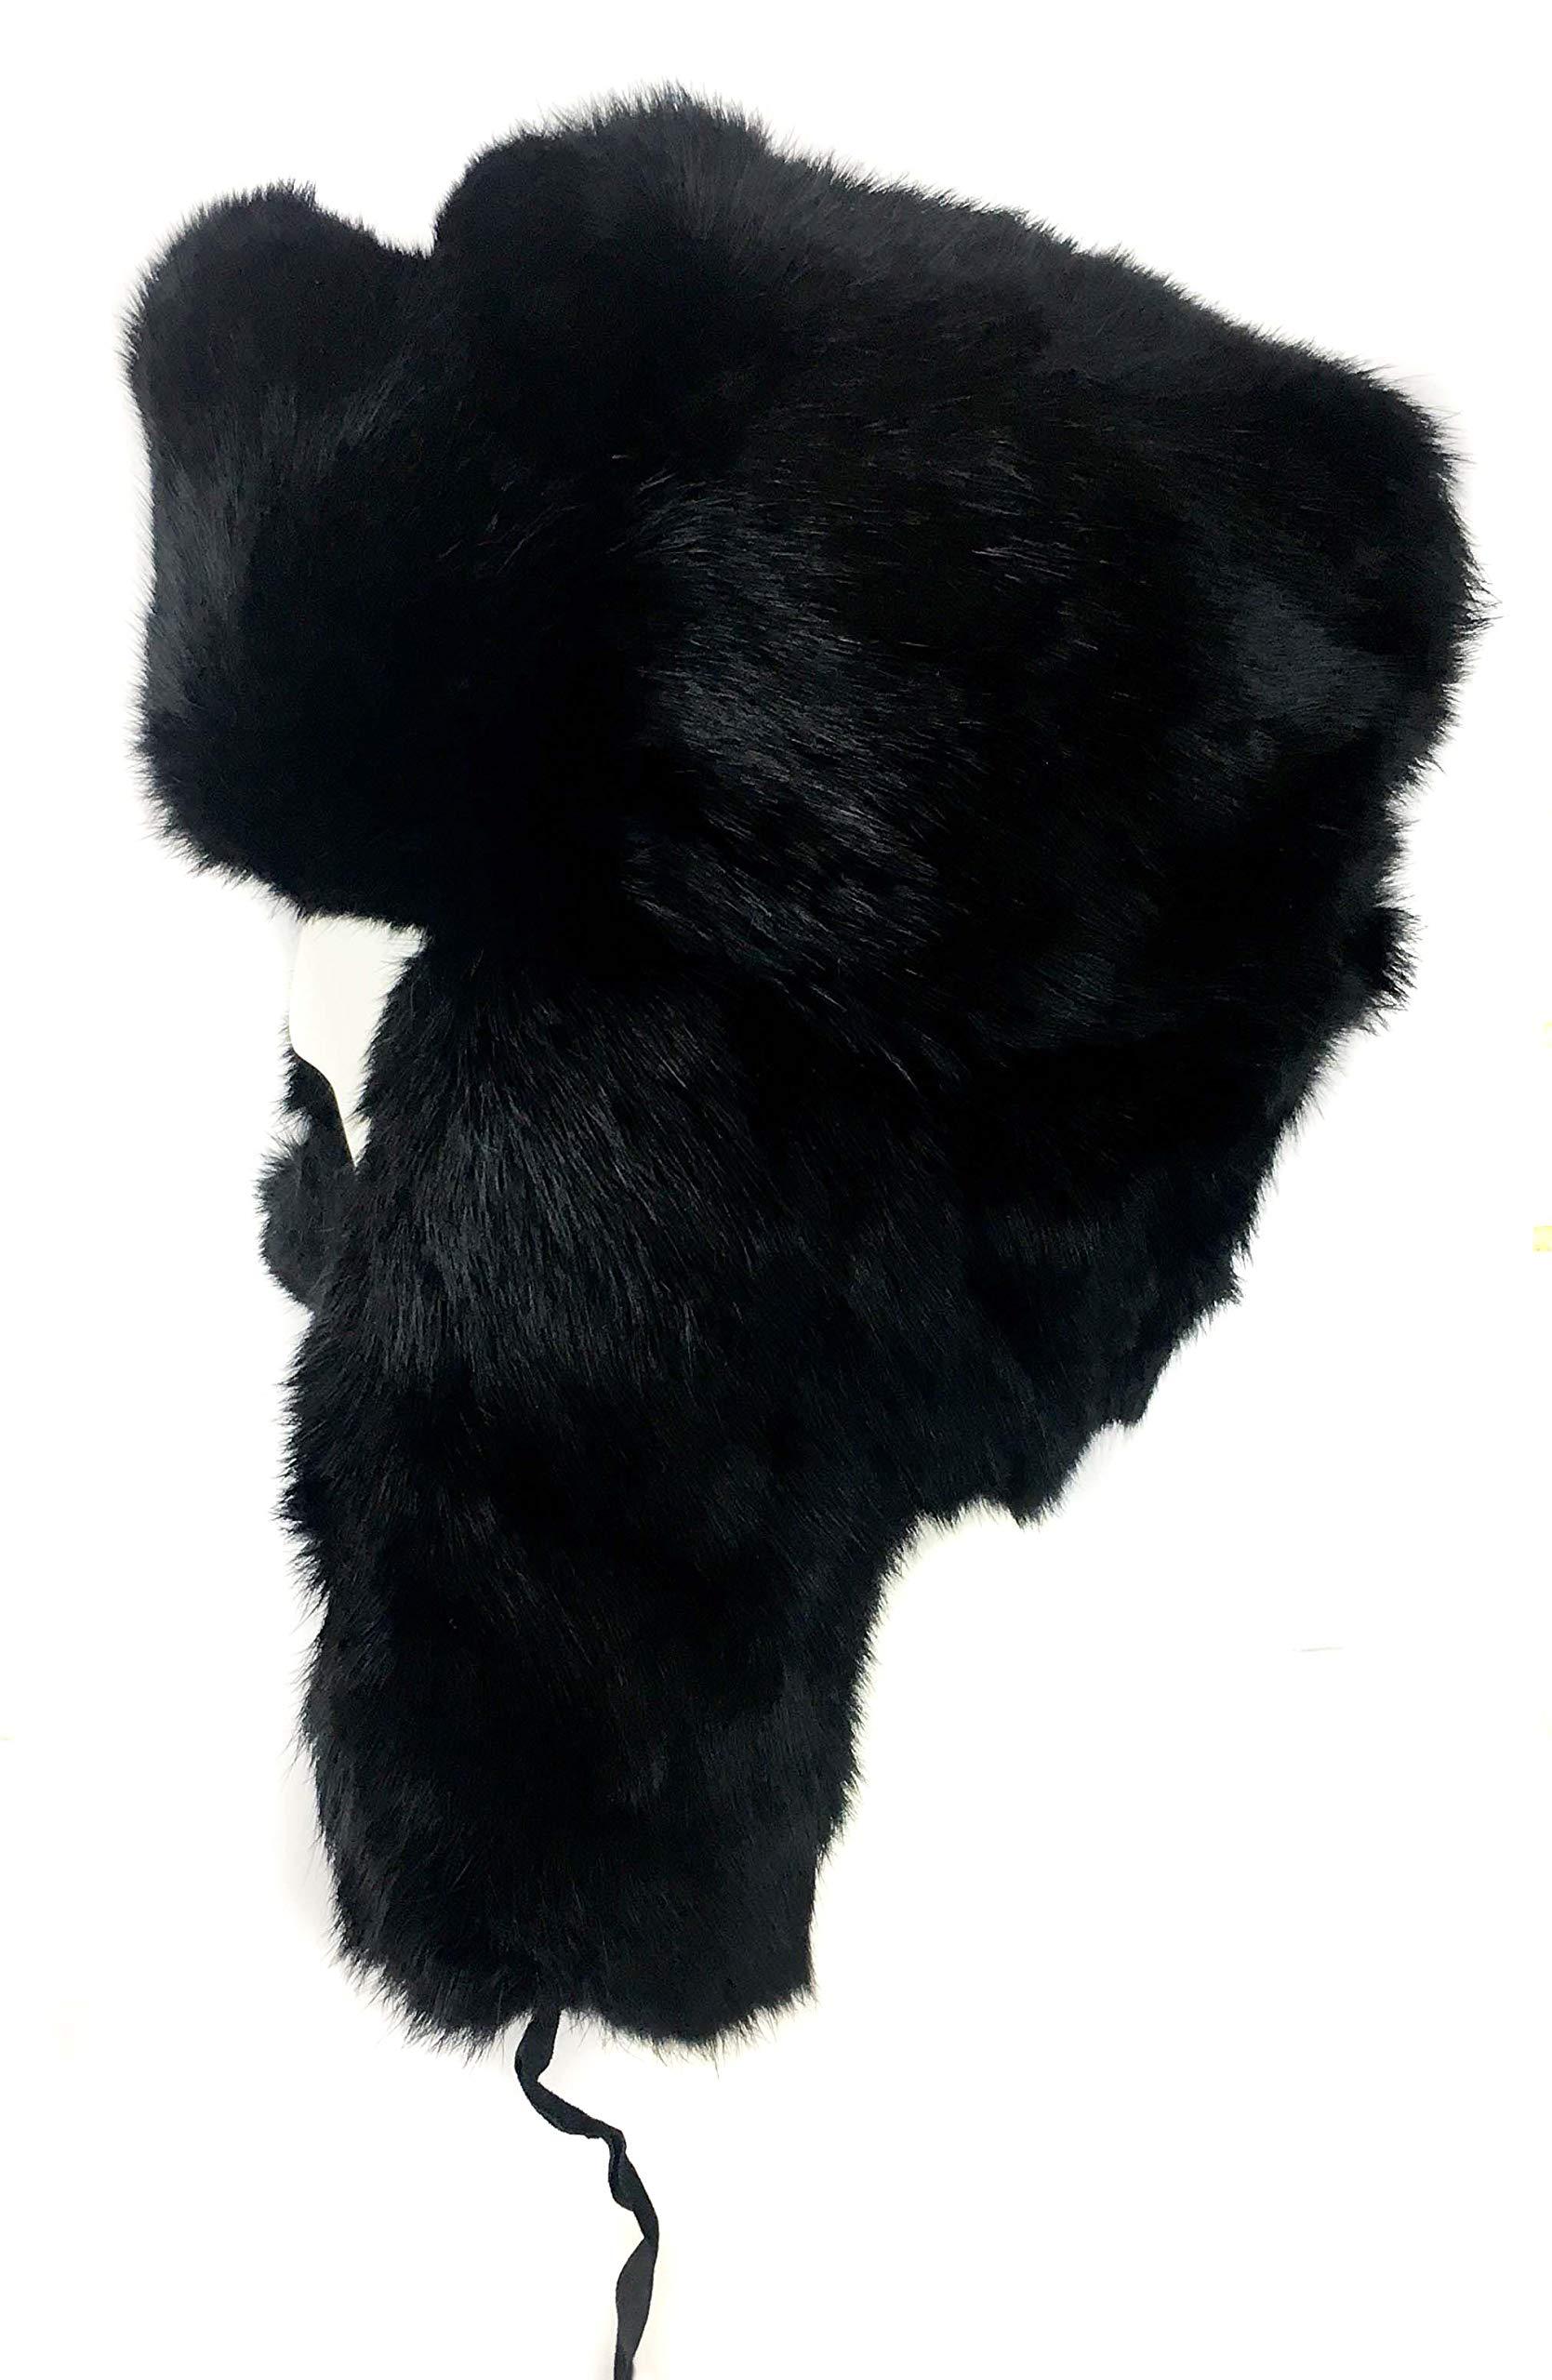 surell Genuine Rabbit Fur Trapper Aviator Hat - Warm Bomber Trooper Hat Black by surell